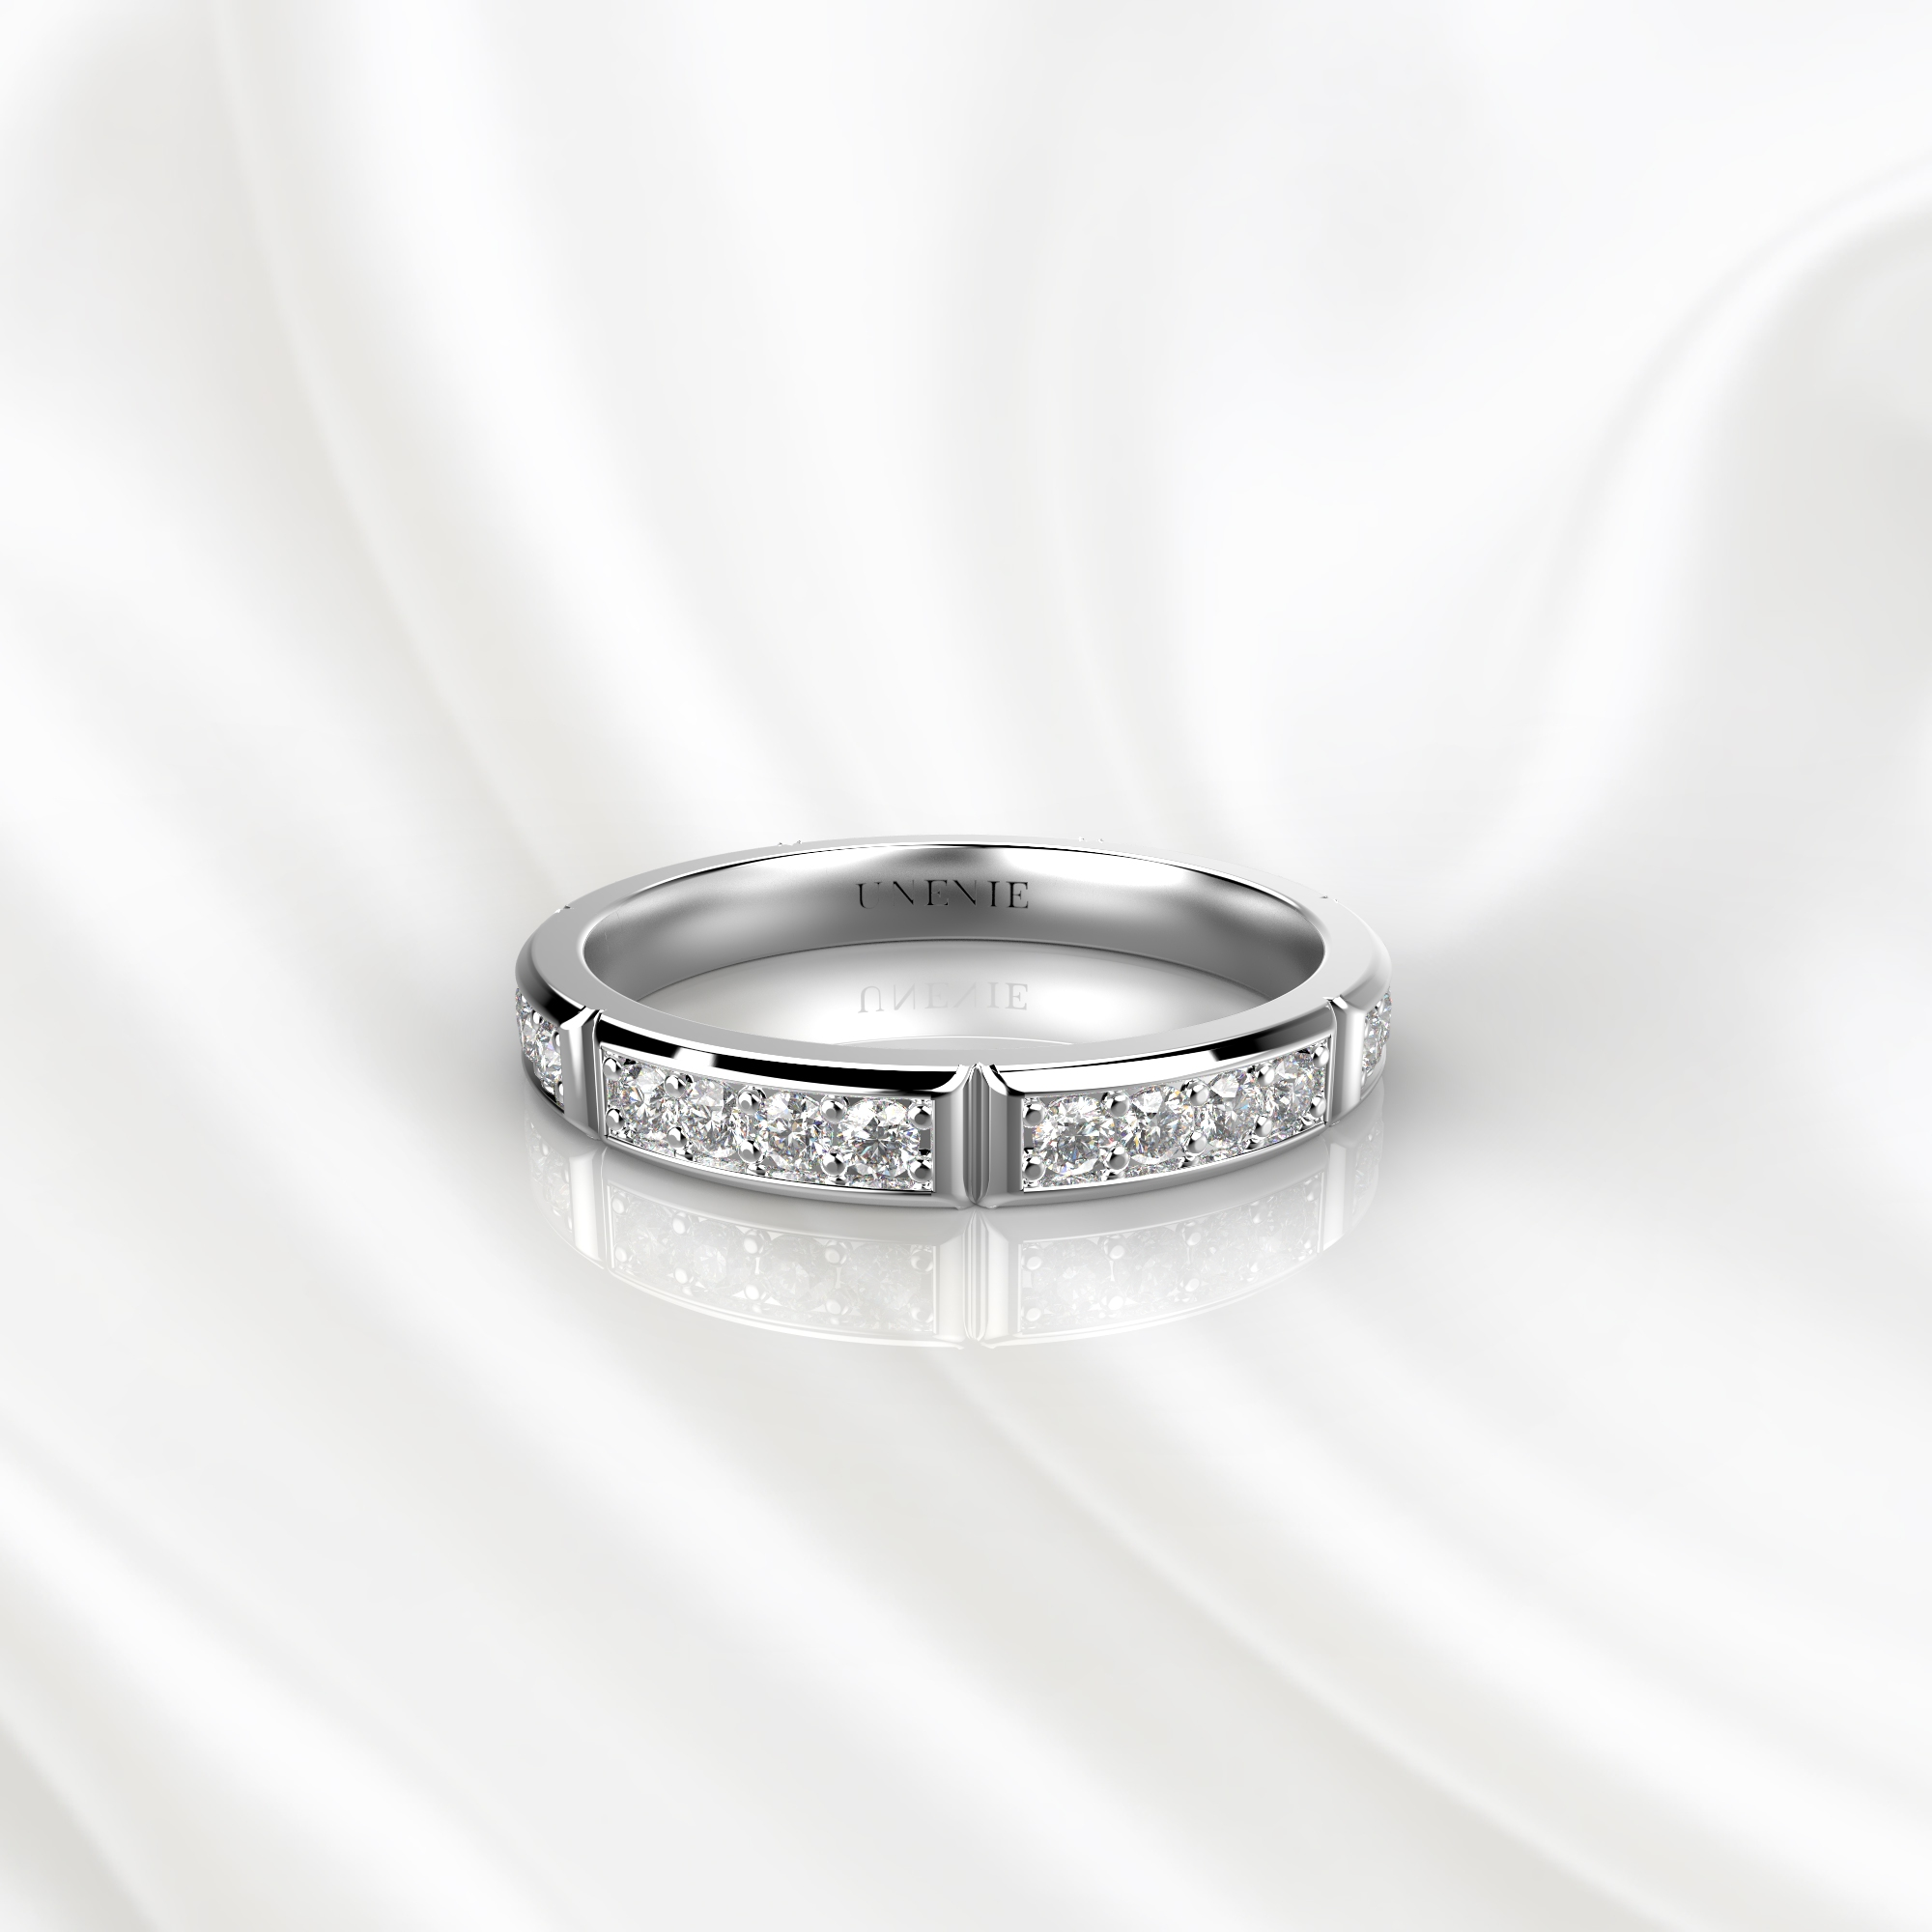 E17 Обручальное кольцо из белого золота с 28 бриллиантами